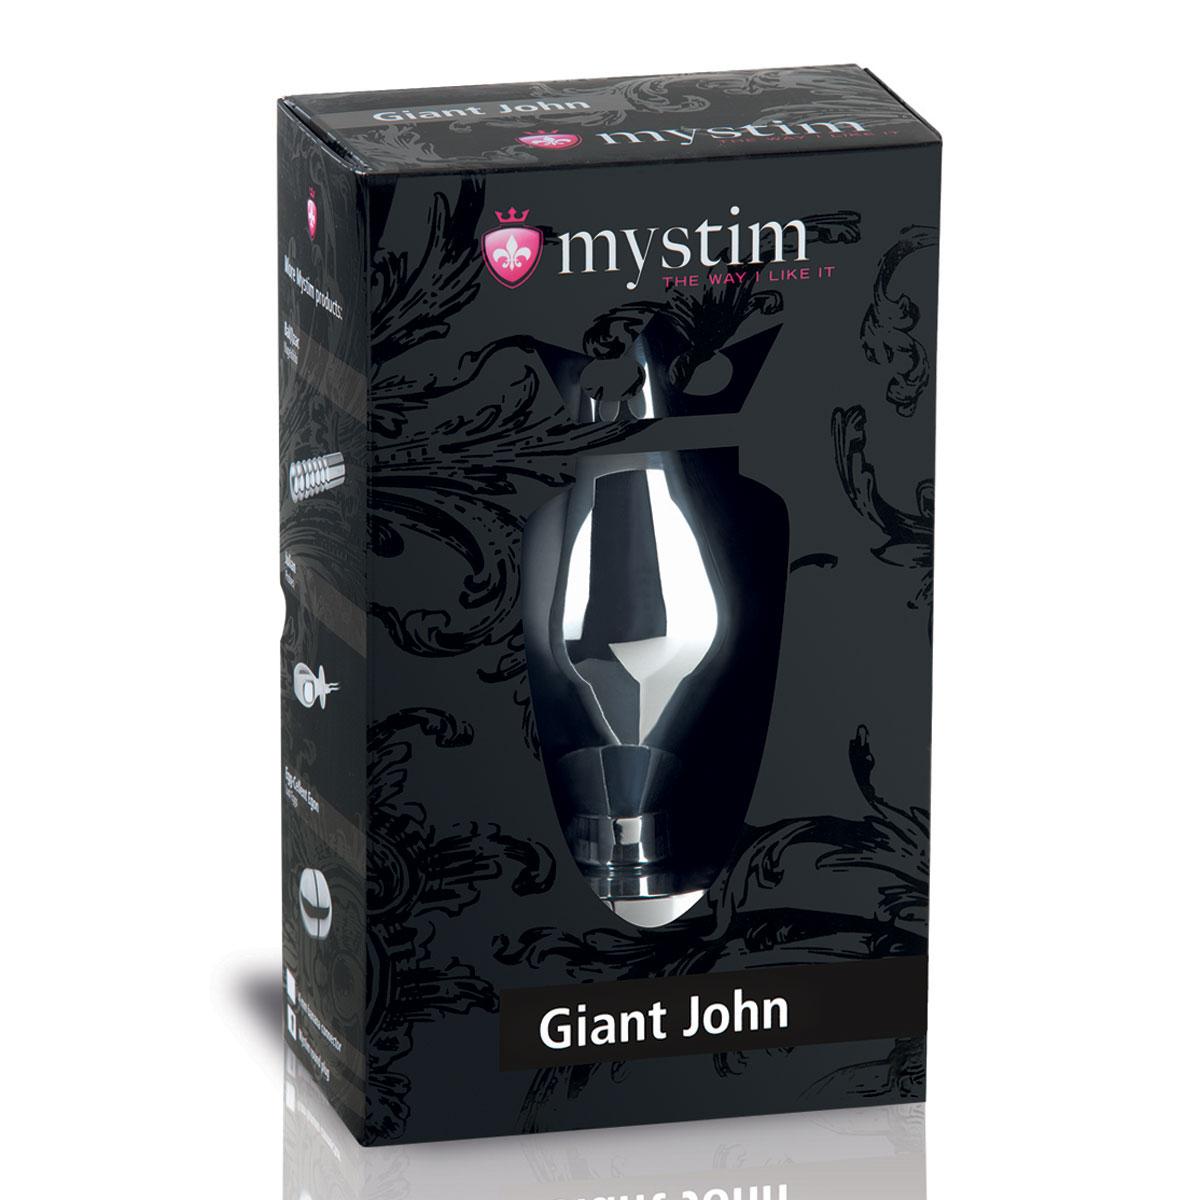 Анальный электростимулятор Giant John размера XXL - 16 см. - фото 119898